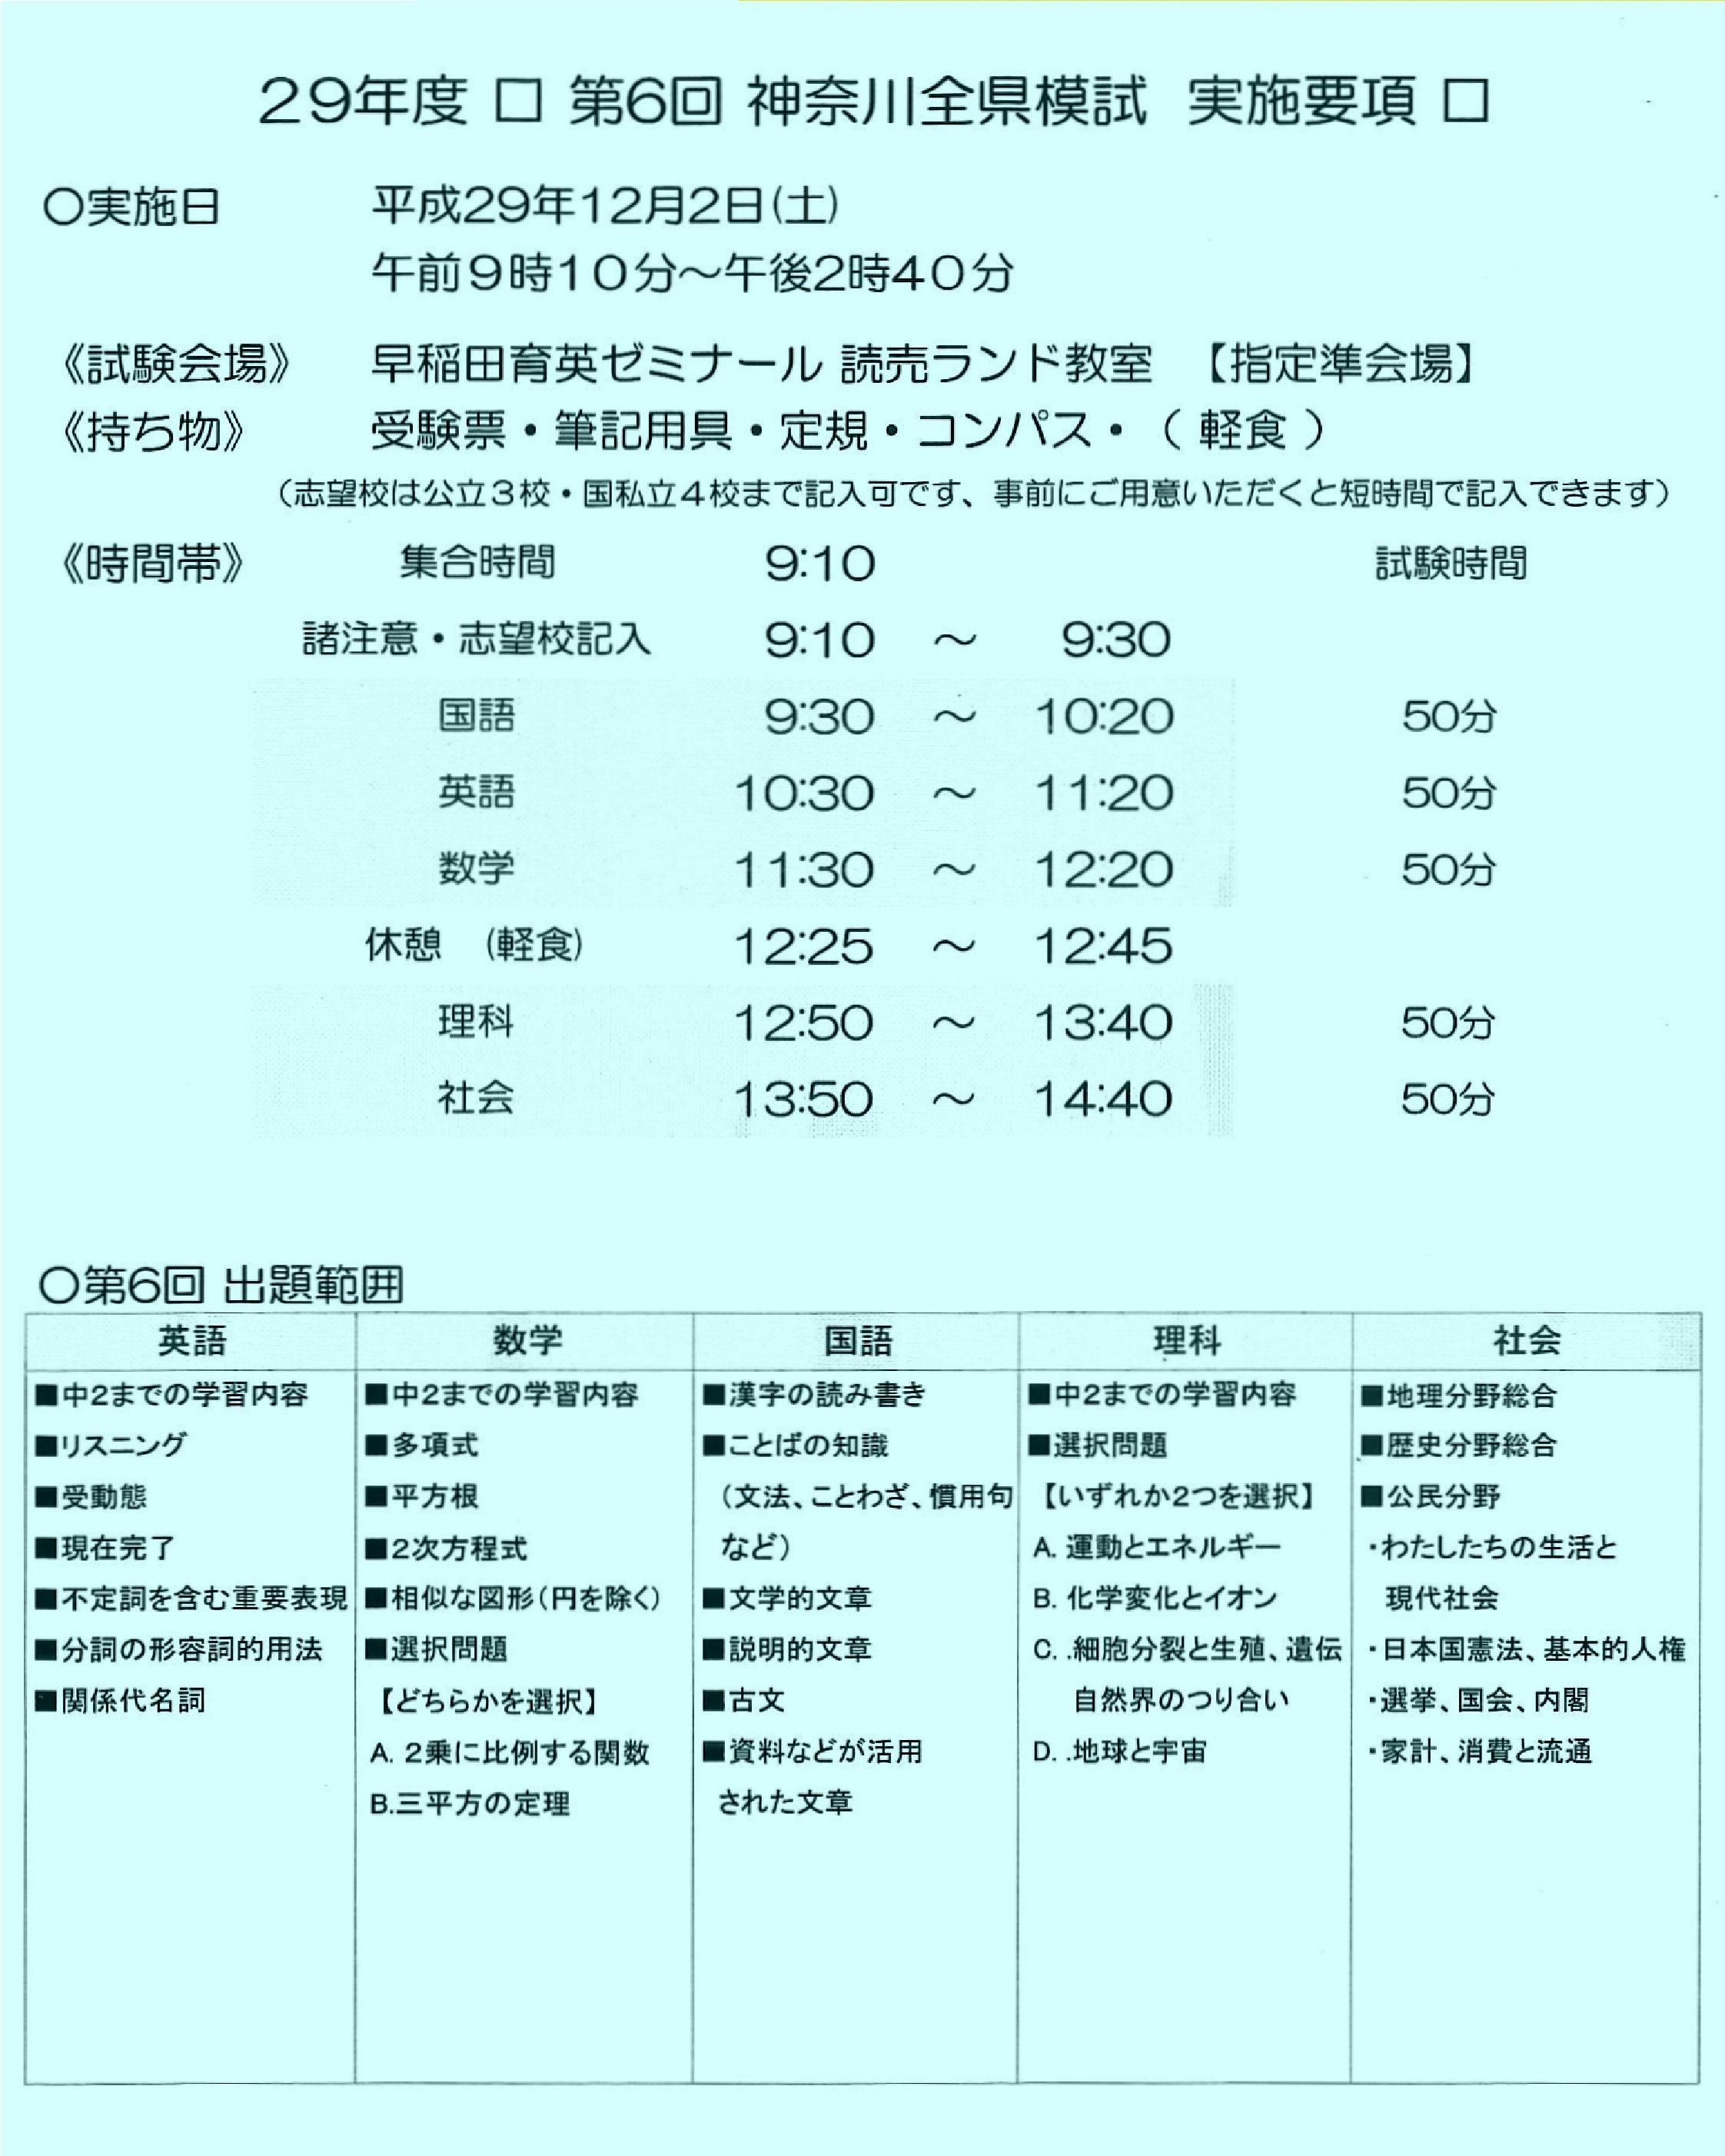 全 県 模試 神奈川 神奈川全県模試の伸学工房